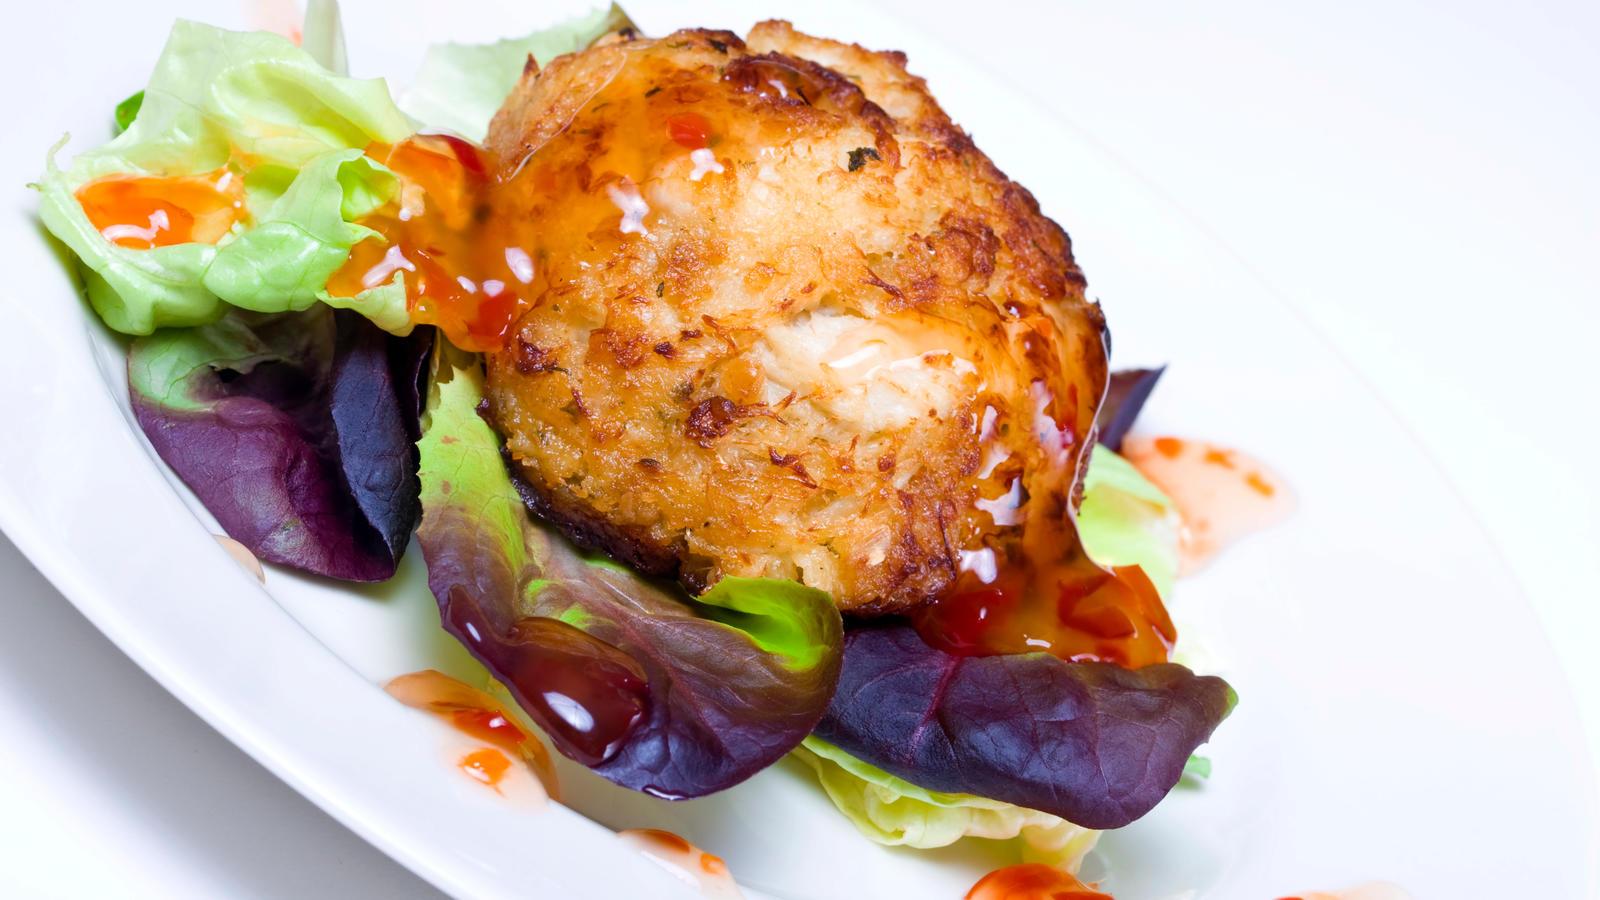 Thai Crab Cakes With Potato